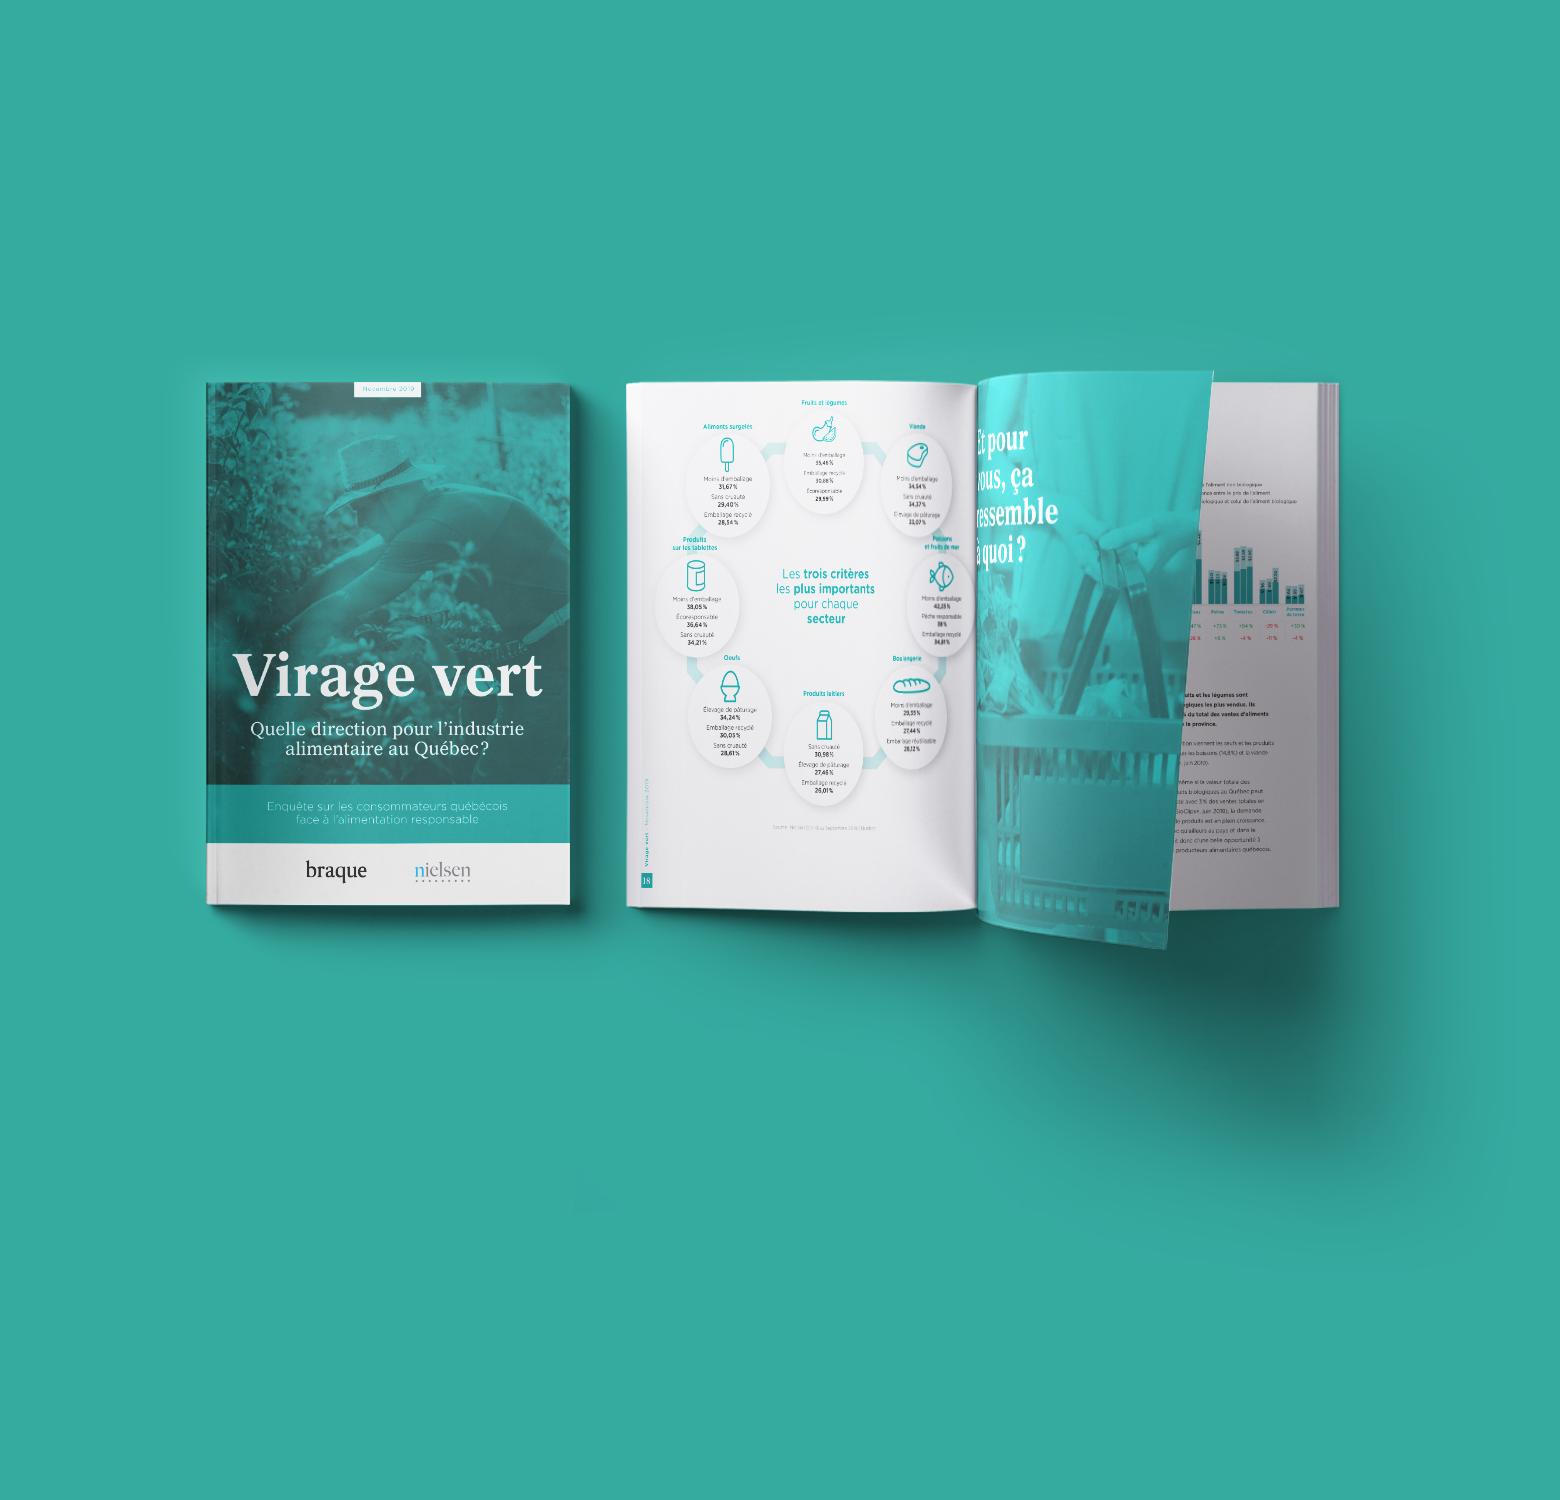 Livre blanc gratuit de Braque sur l'alimentation responsable au Québec